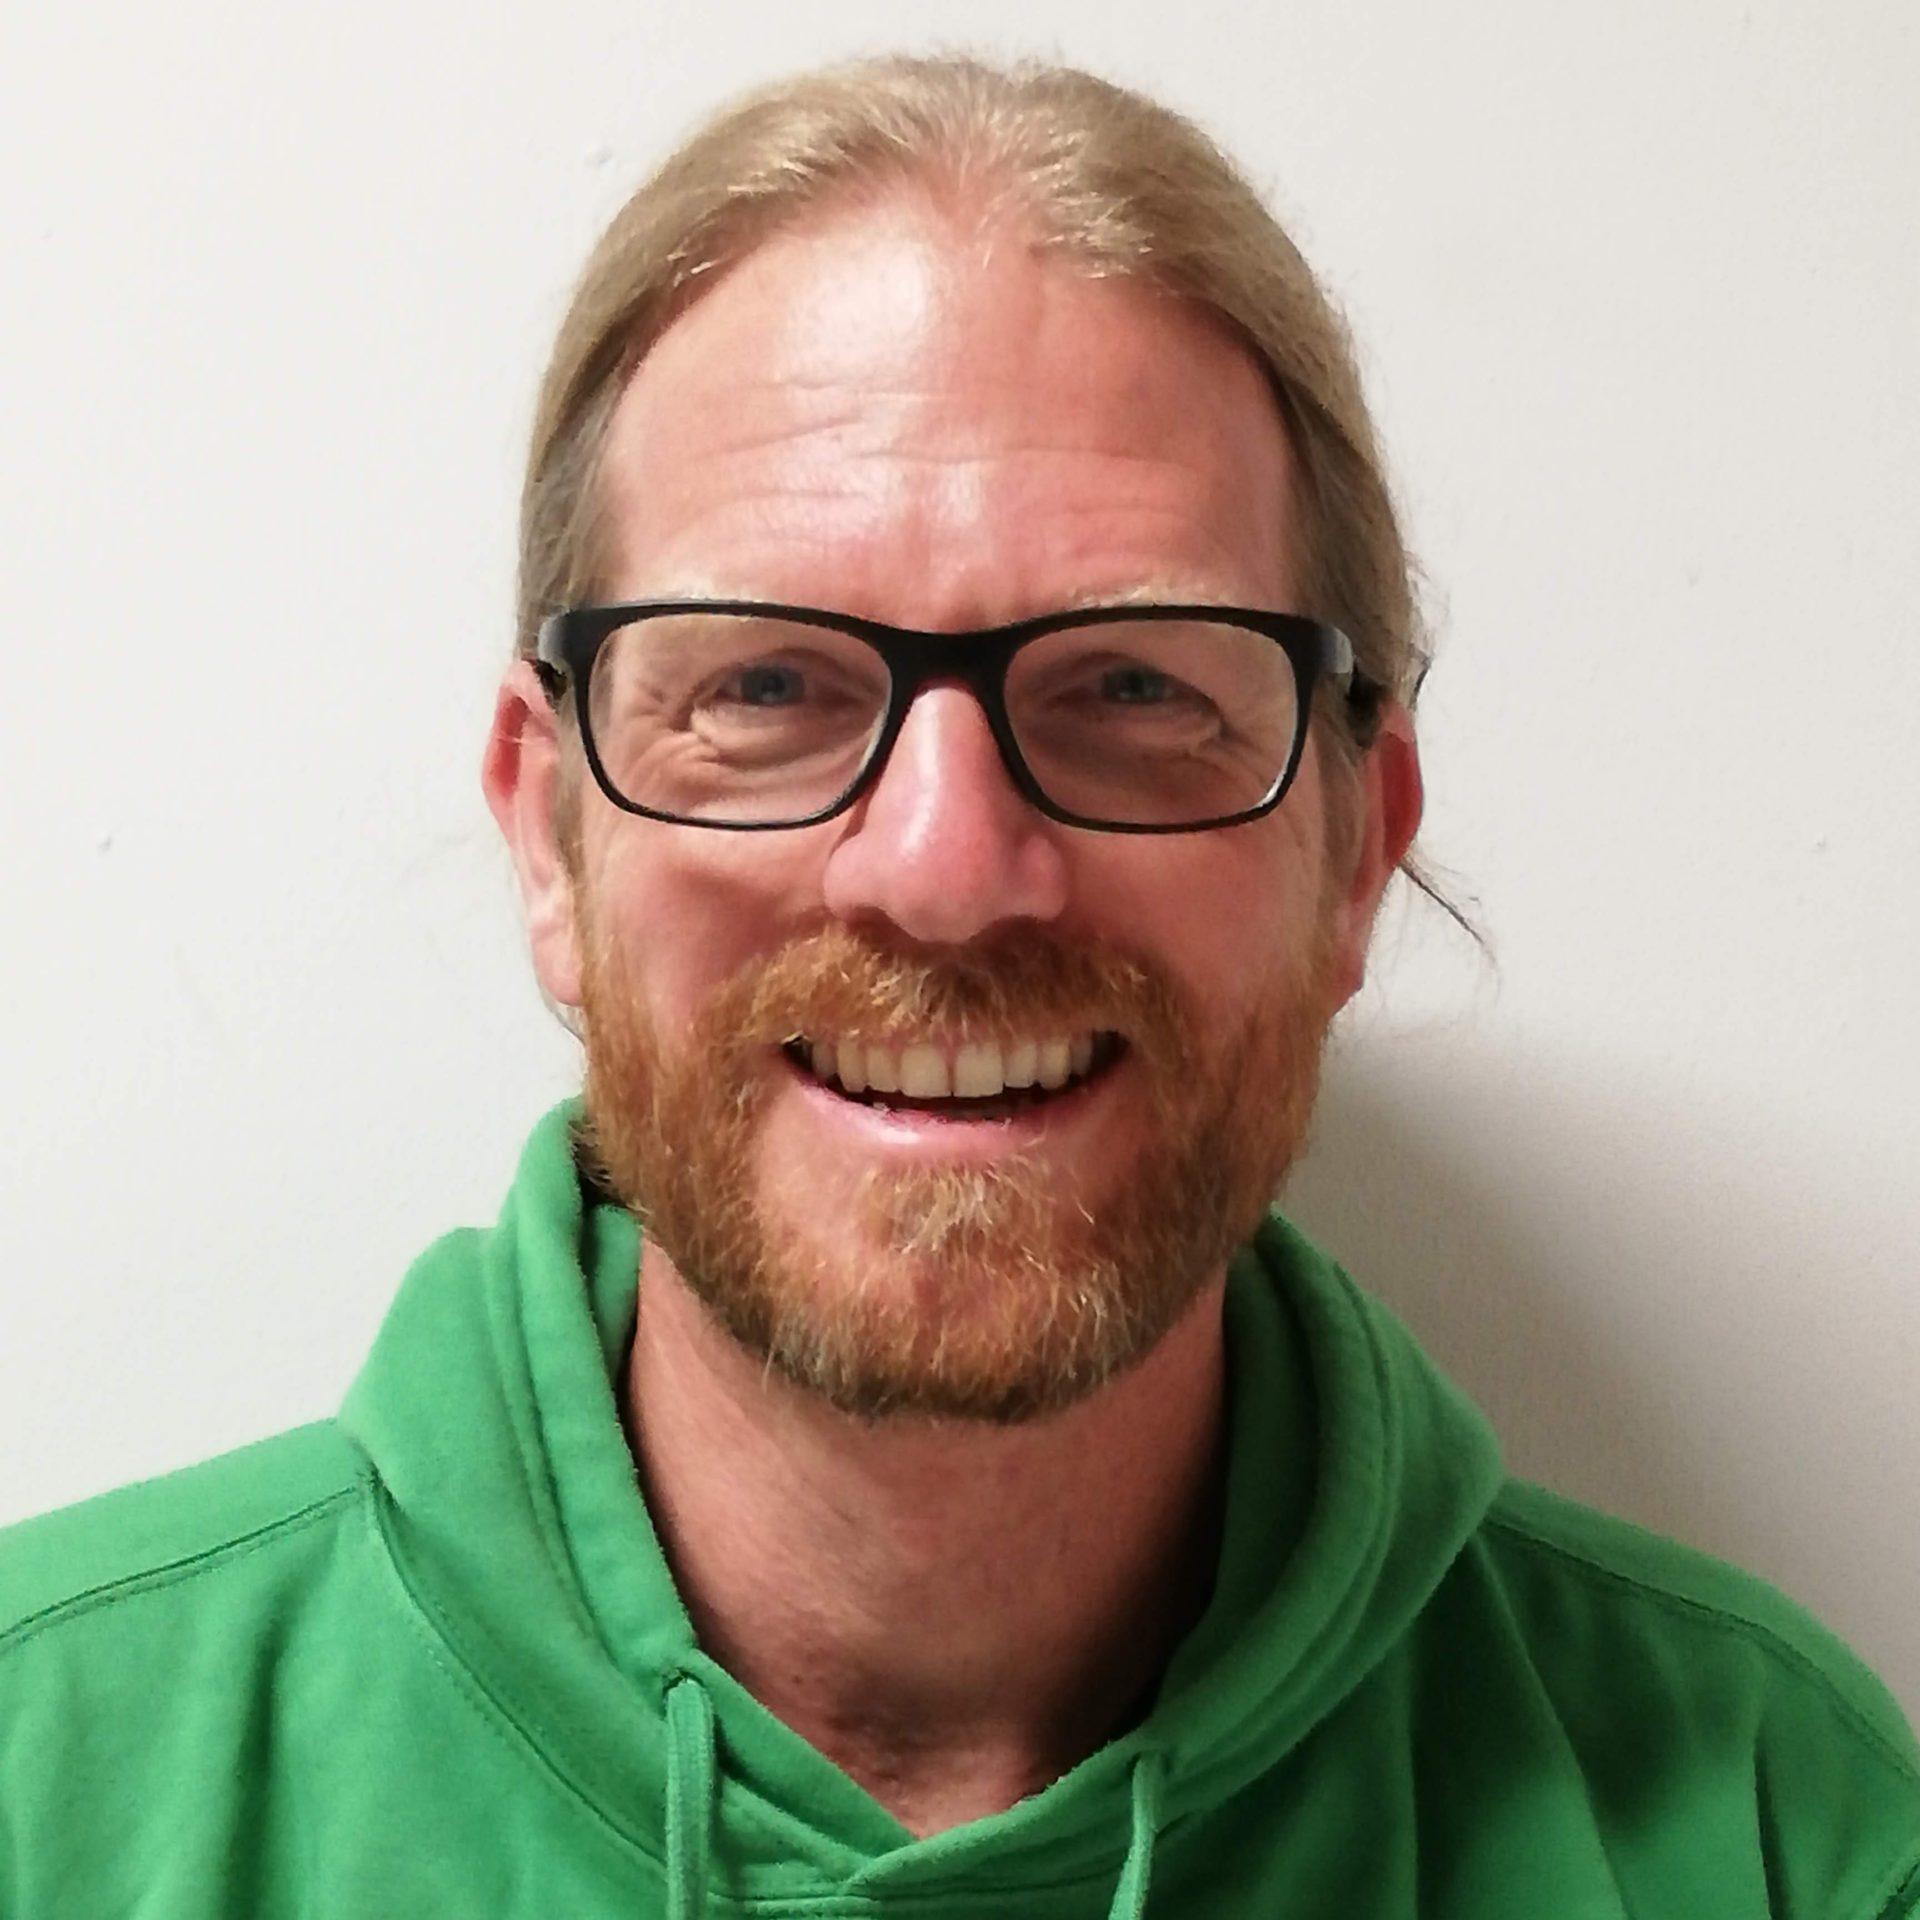 Mark Steffen